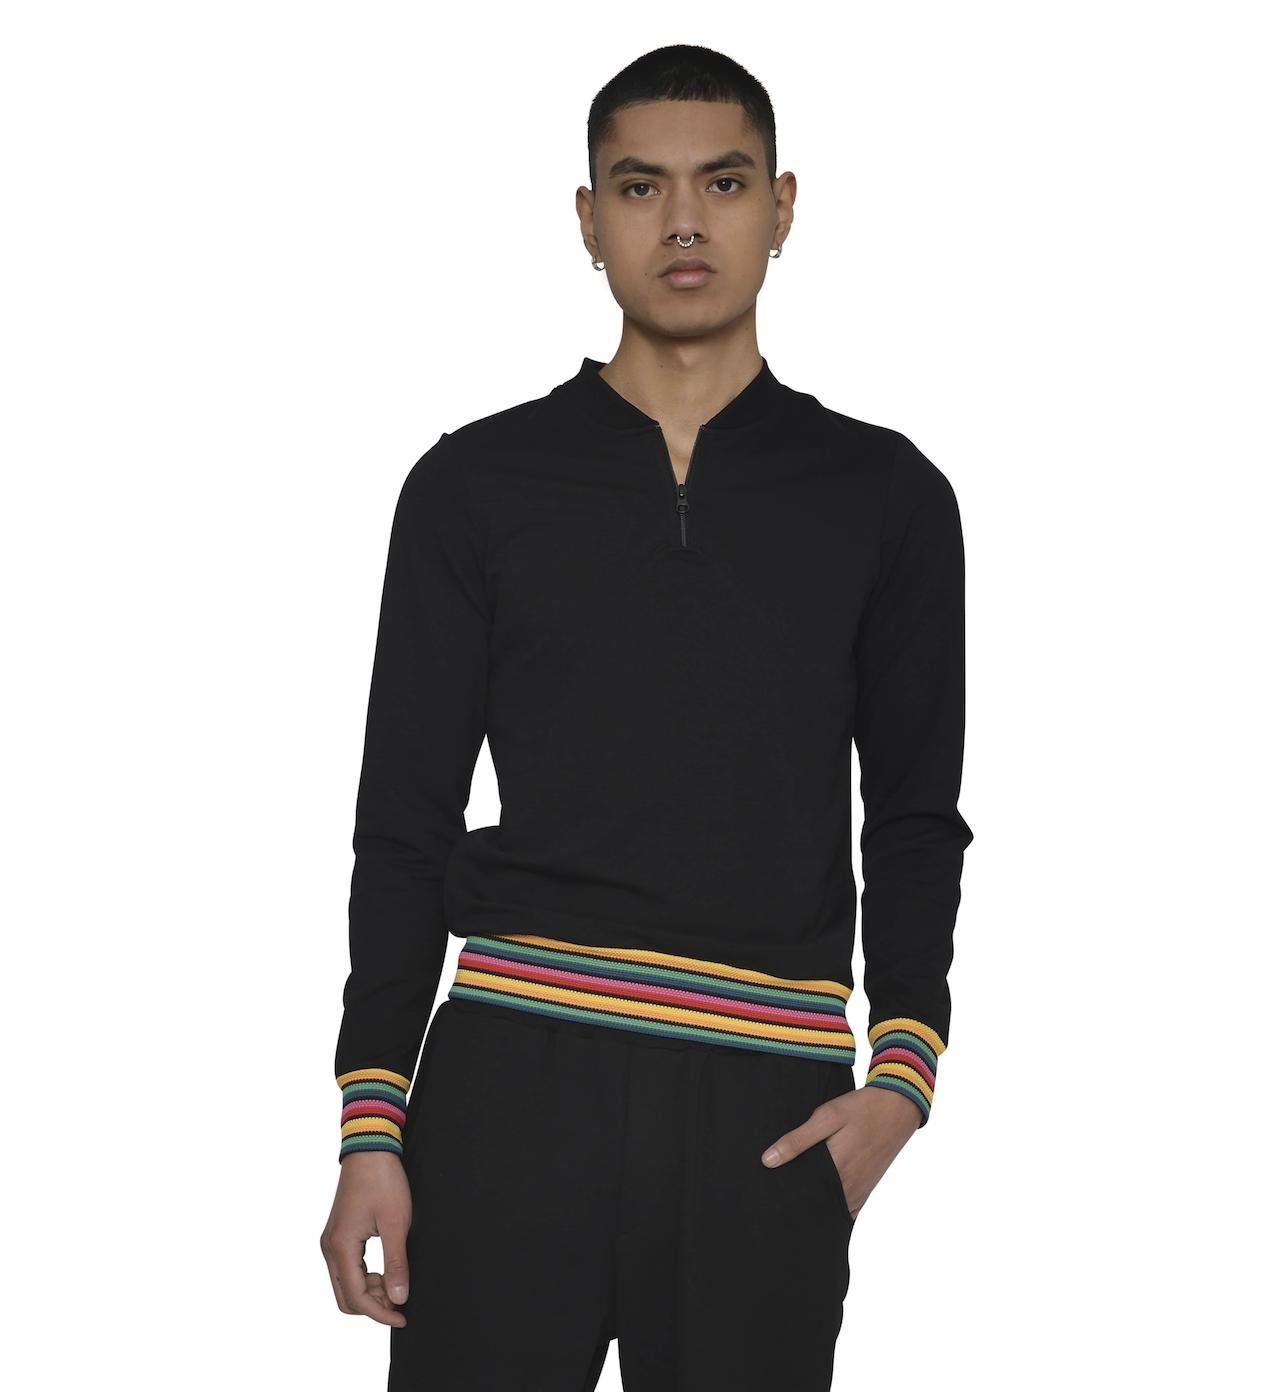 Sweatshirt ARARA 1